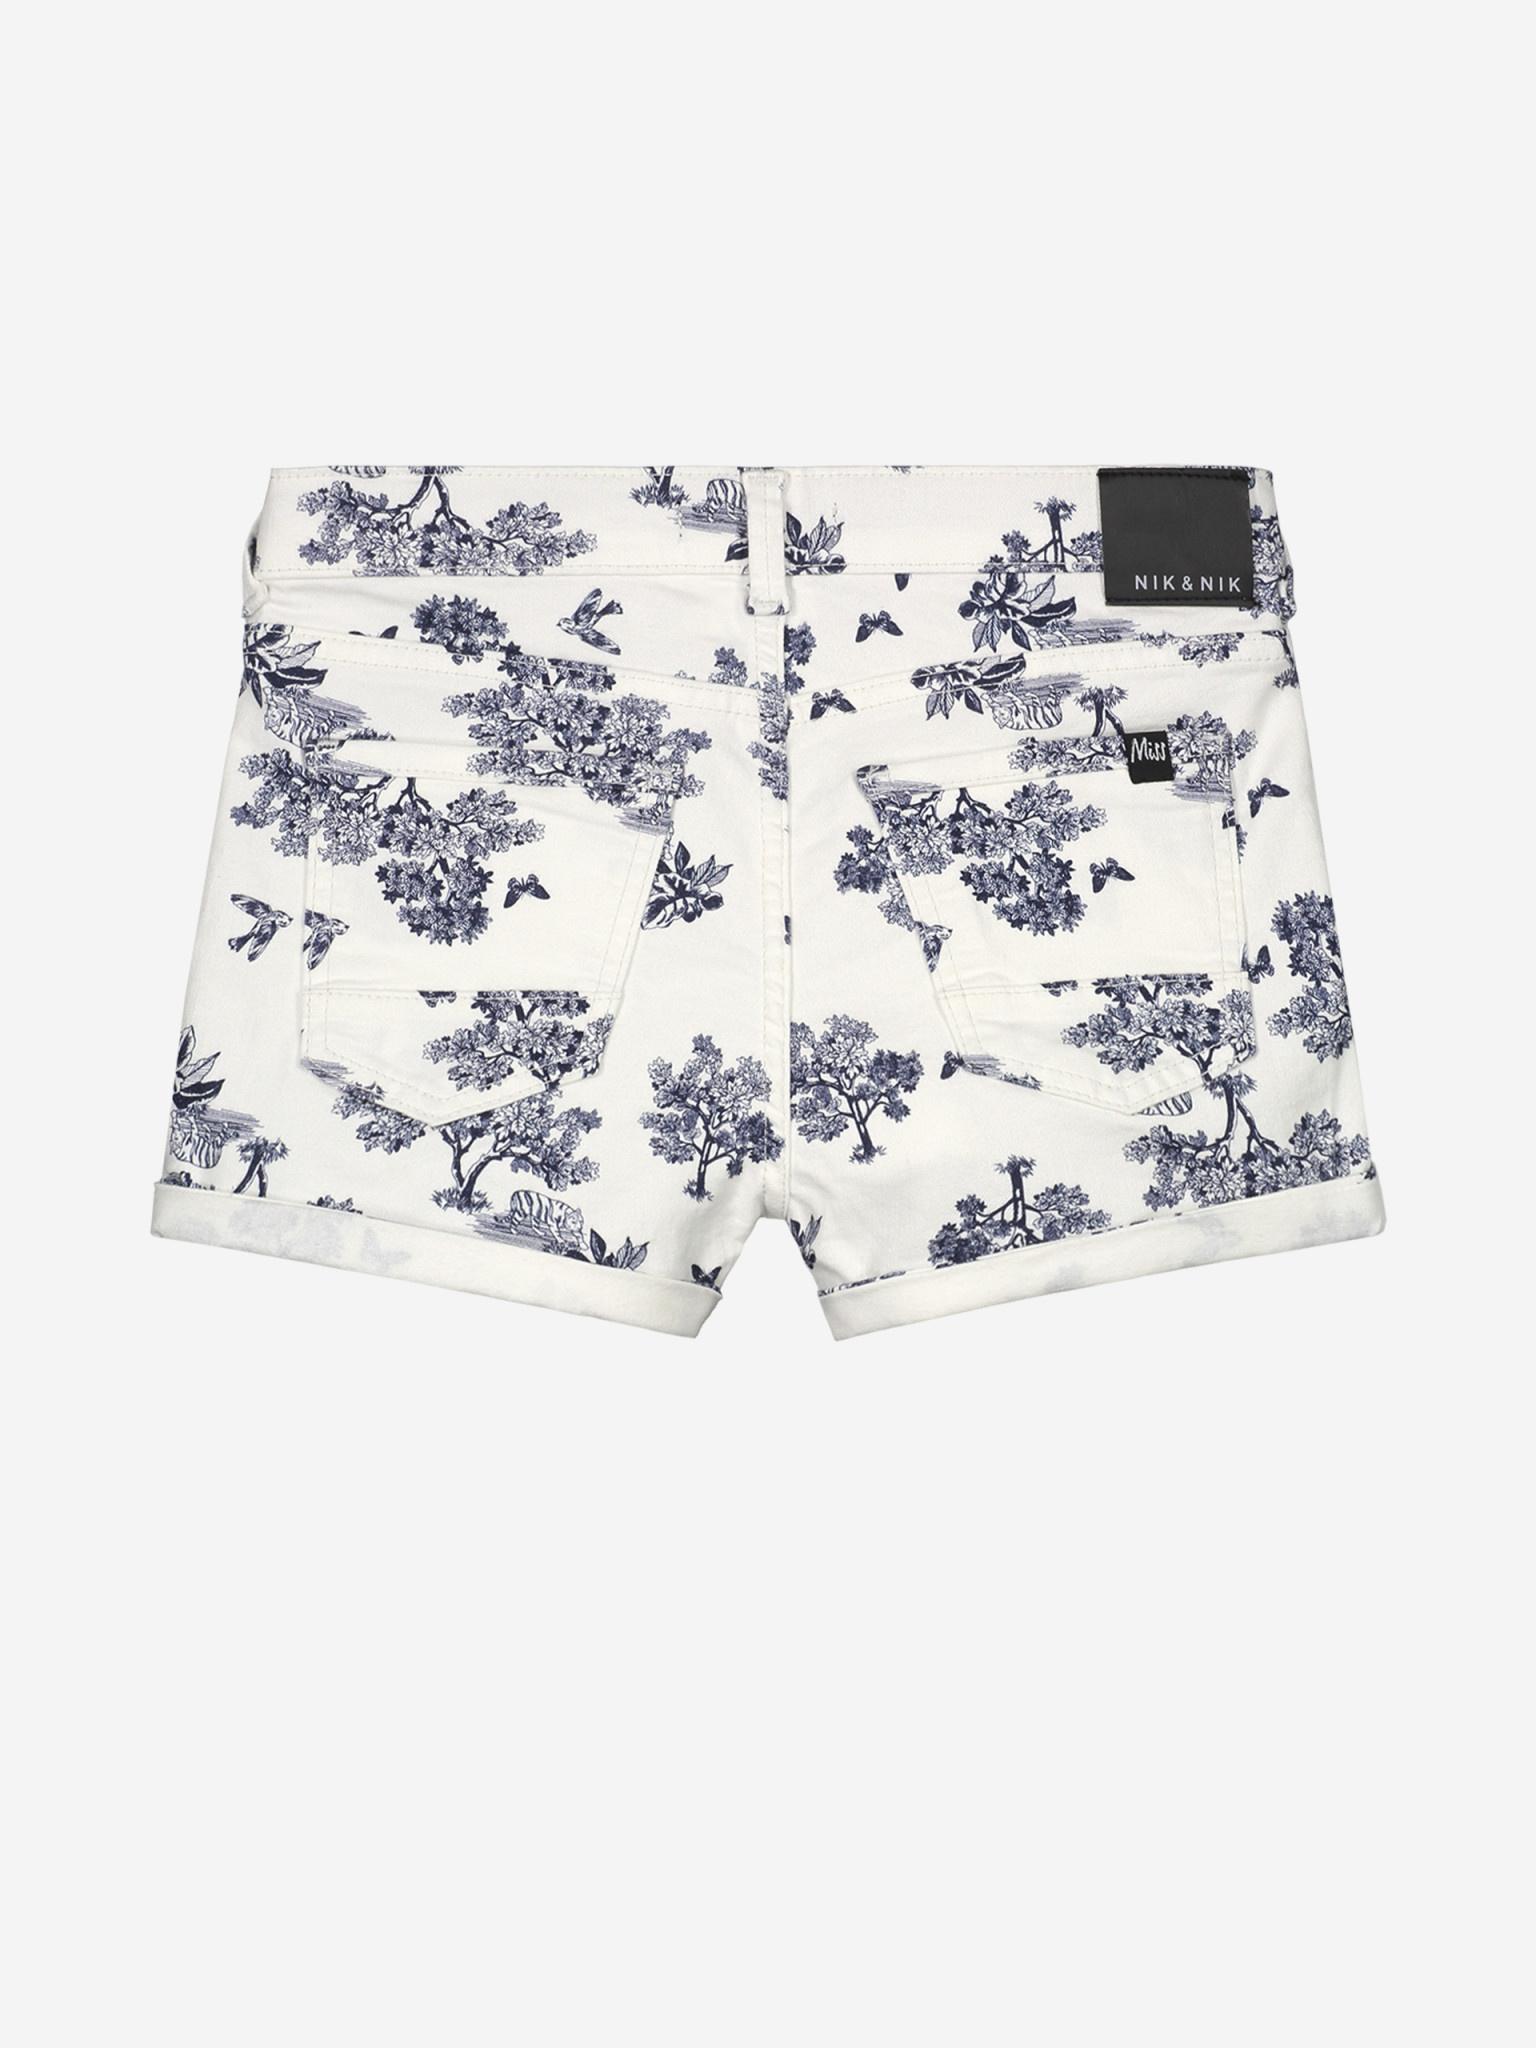 Nik & Nik Femke Jungle Shorts